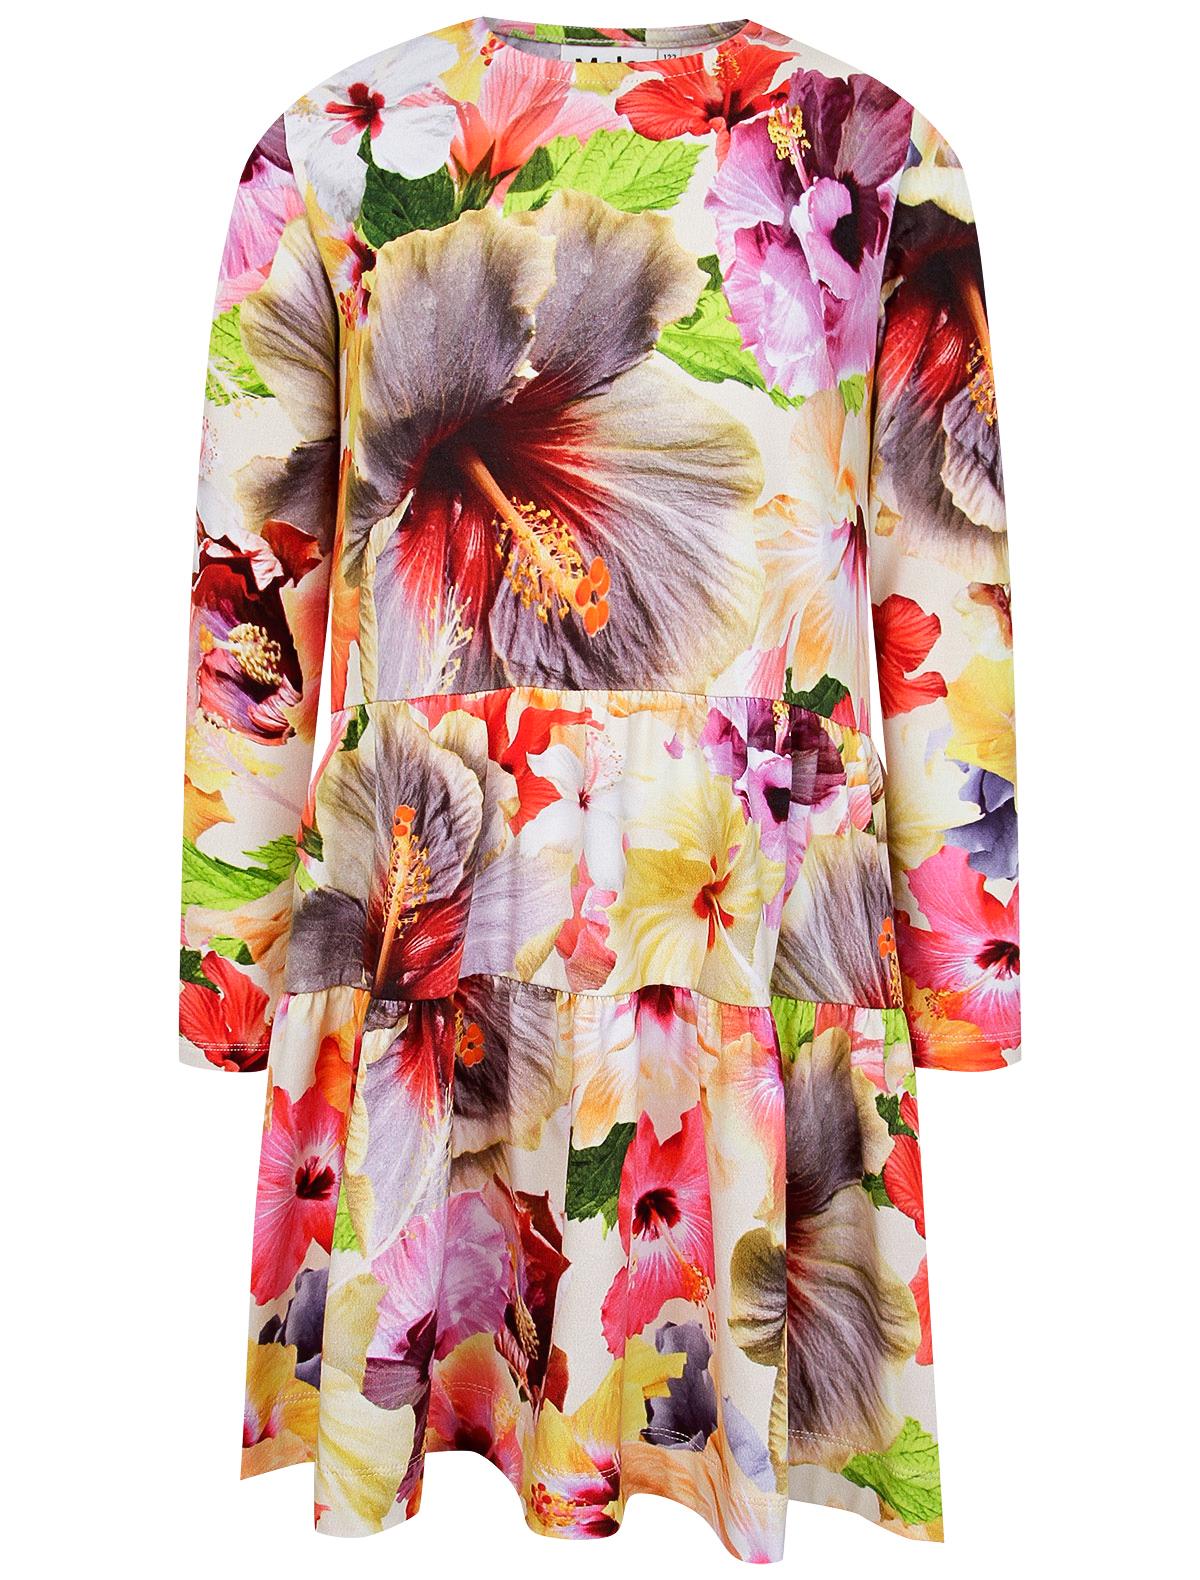 Купить 2176178, Платье MOLO, разноцветный, Женский, 1054509077574